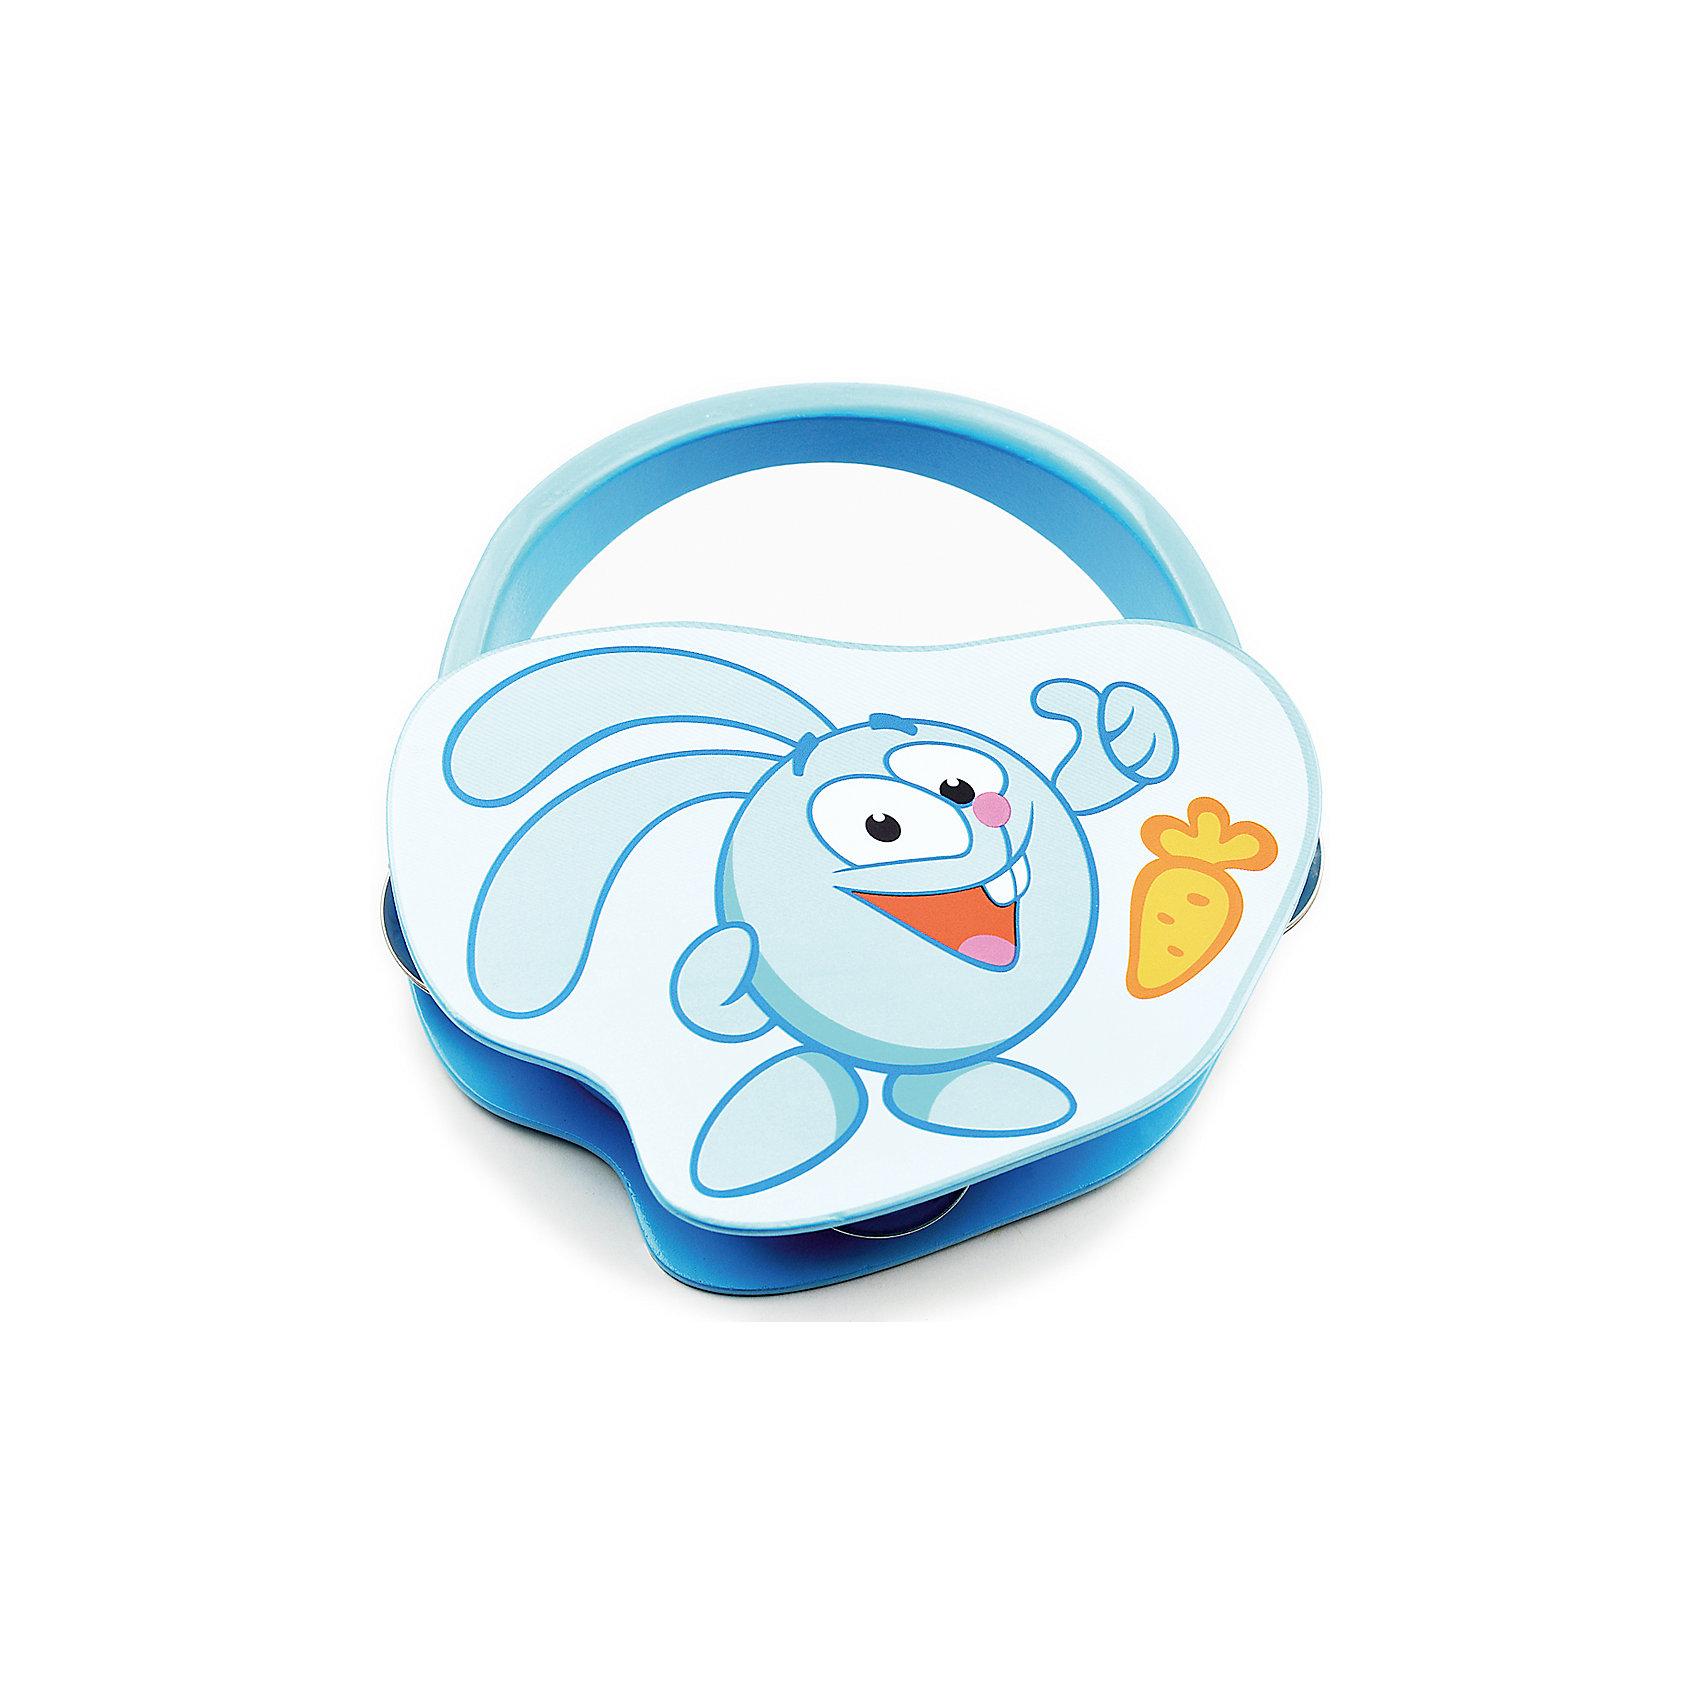 Бубен Крош, Смешарики, Мир деревянных игрушекБубен Крош - начинать первые шаги в музыке интереснее с любимыми героями. <br>Бубен с Крошем из Смешариков, выполнен из натурального дерева, делая игрушку безопасной даже для самых маленьких. Нежный голубой цвет отлично подойдет для мальчиков от 3 лет.<br><br>Дополнительная информация:<br>- размер: 150х35х150<br>- вес: 135г<br>- материал: дерево, металл<br>- возраст: от 3 лет<br><br>Бубен Крош можно купить в нашем интернет-магазине.<br><br>Ширина мм: 150<br>Глубина мм: 35<br>Высота мм: 150<br>Вес г: 135<br>Возраст от месяцев: 36<br>Возраст до месяцев: 2147483647<br>Пол: Унисекс<br>Возраст: Детский<br>SKU: 4895867